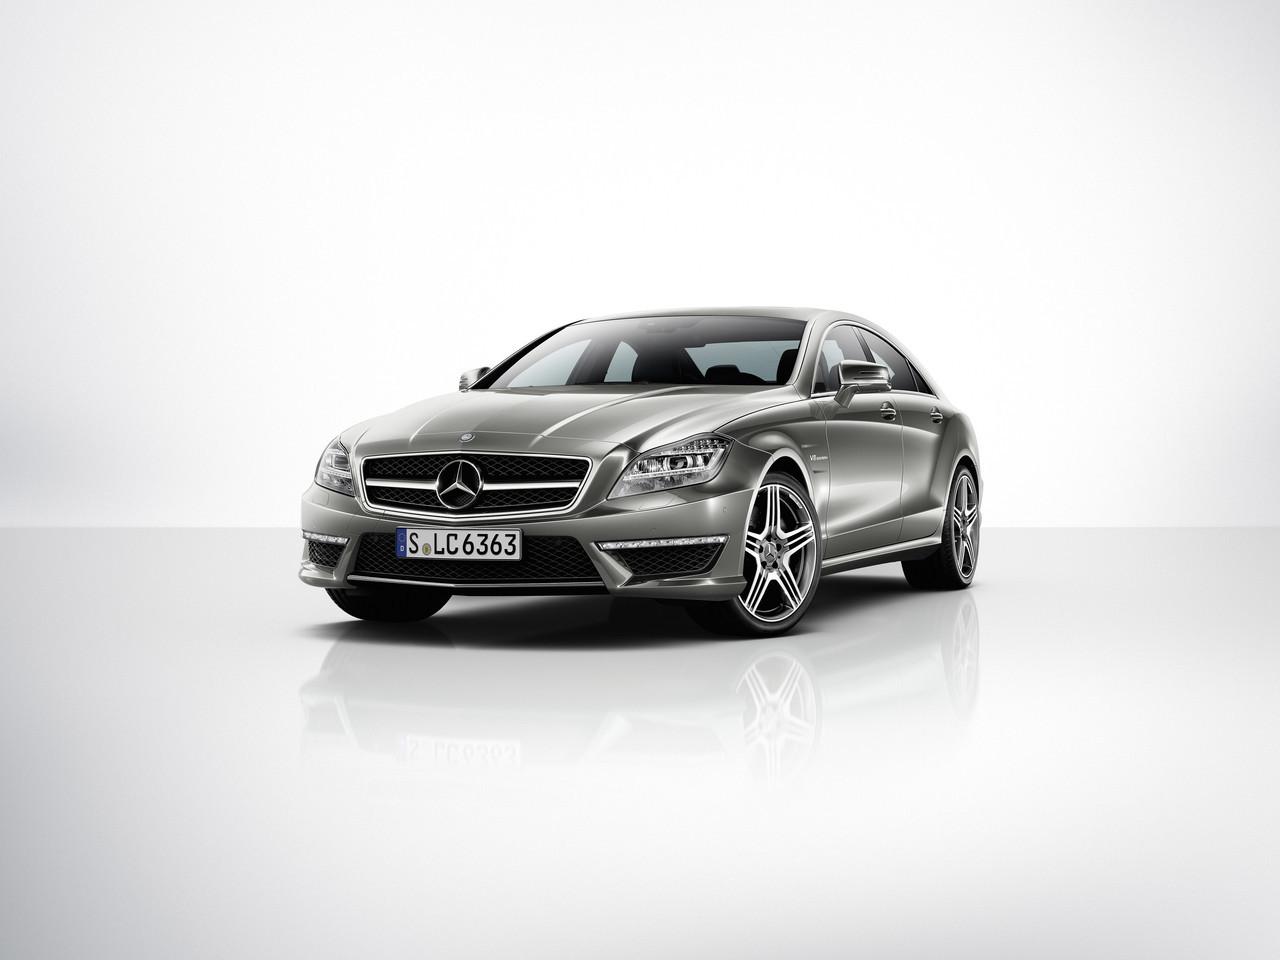 Foto de Mercedes CLS 63 AMG 2011 (3/30)